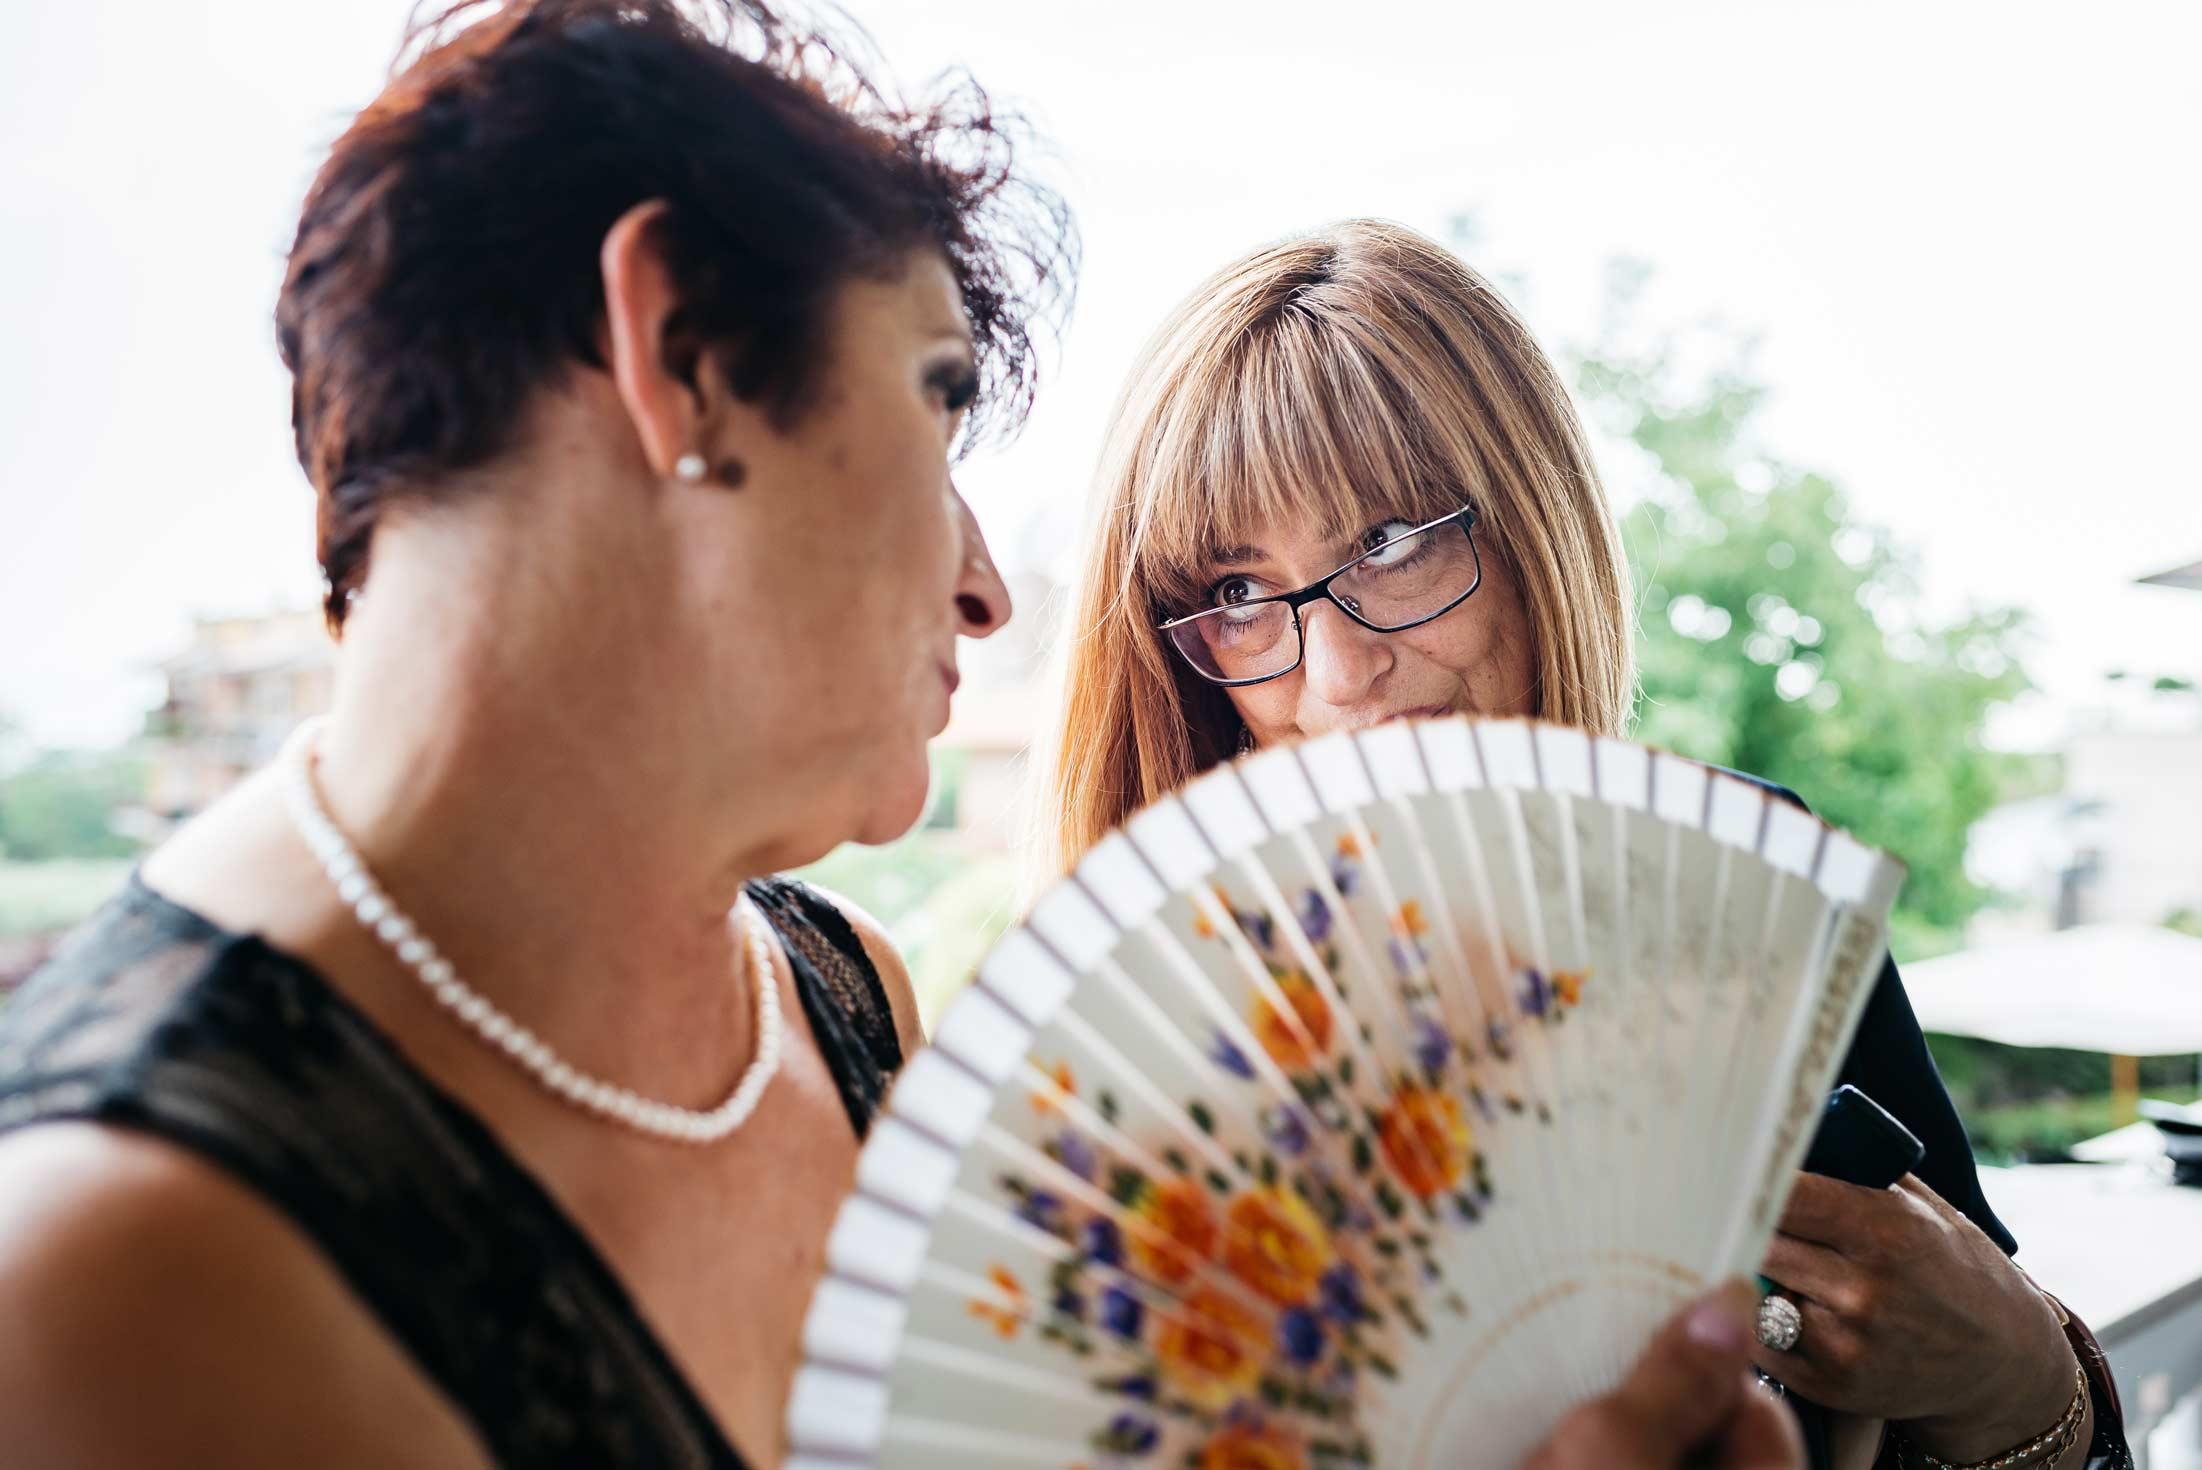 Reportage-Matrimonio-Fotografo-Preparativi-Sposo